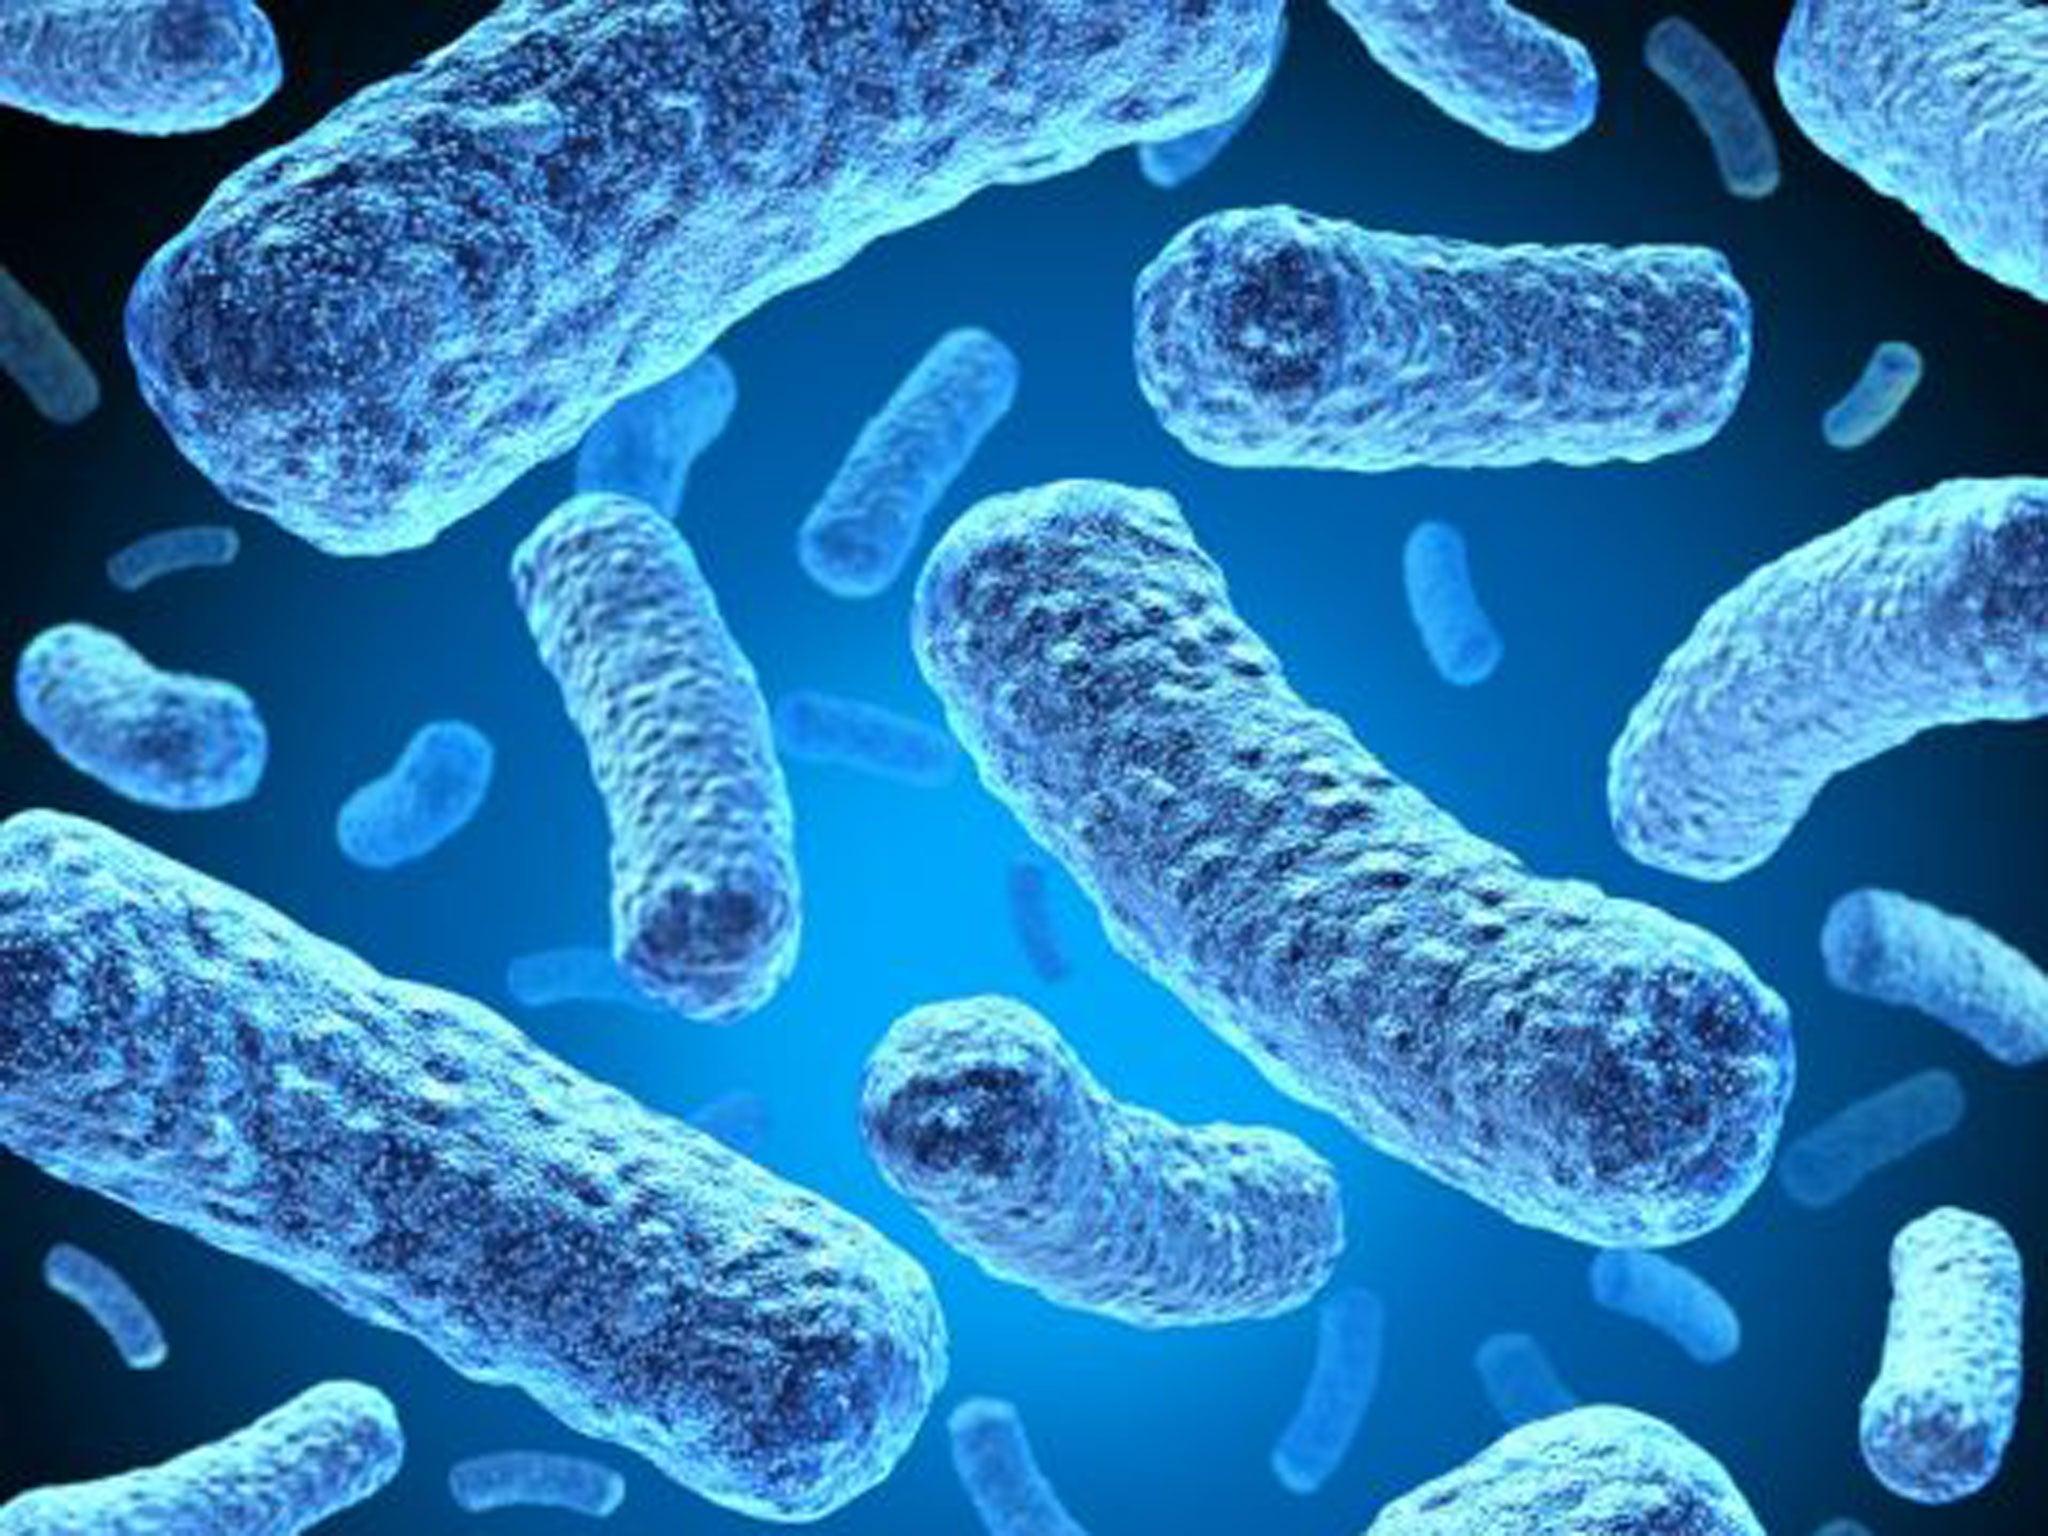 Фото та назви бактерій 11 фотография